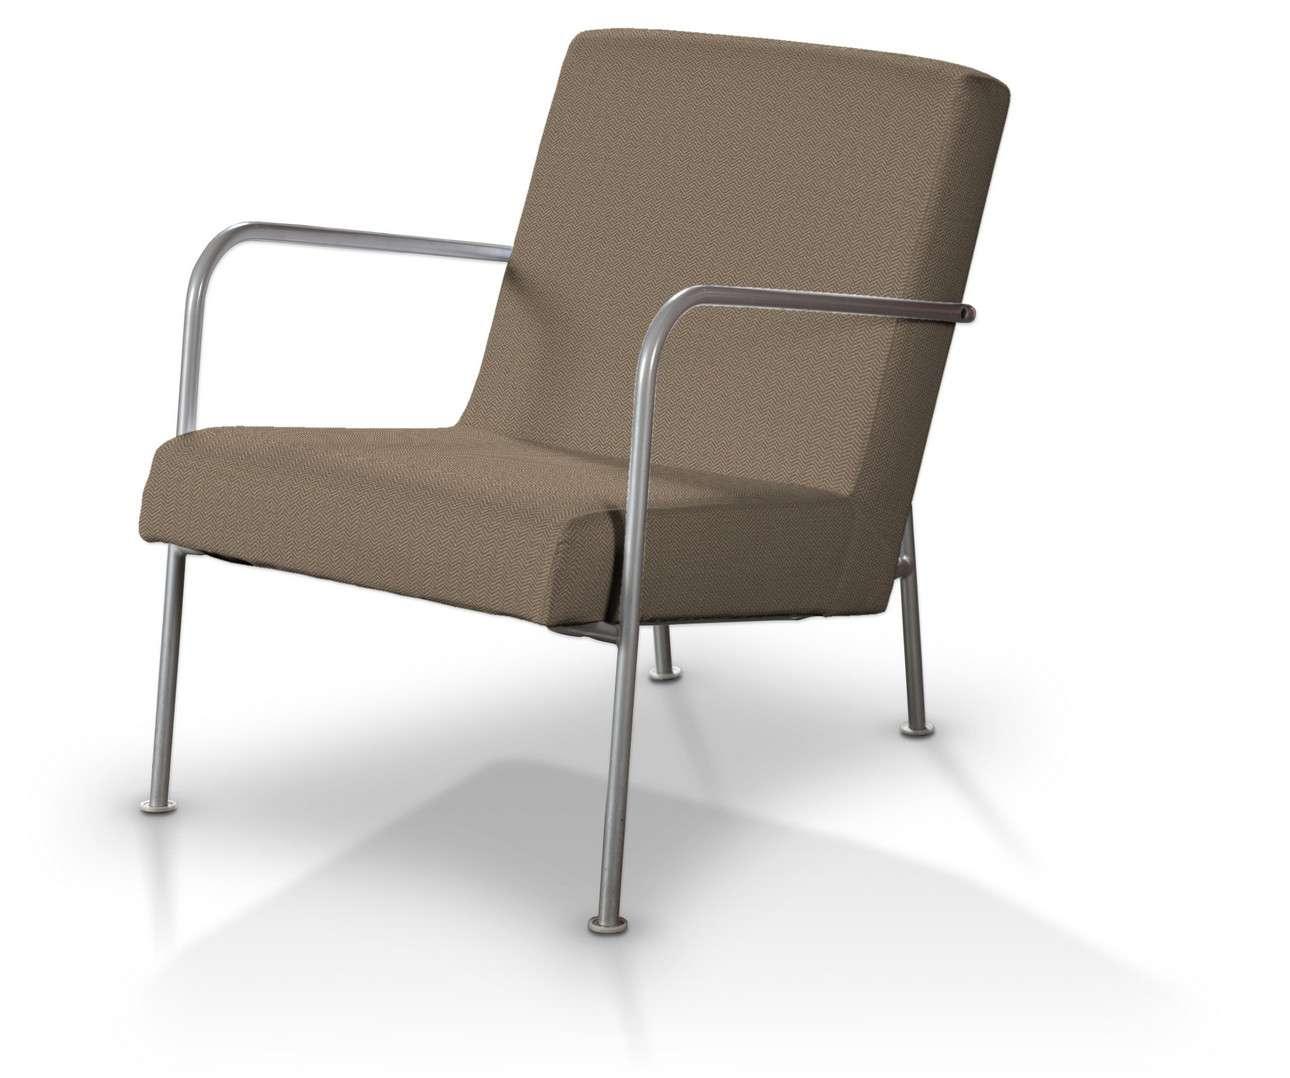 Bezug für Ikea PS Sessel von der Kollektion Bergen, Stoff: 161-85